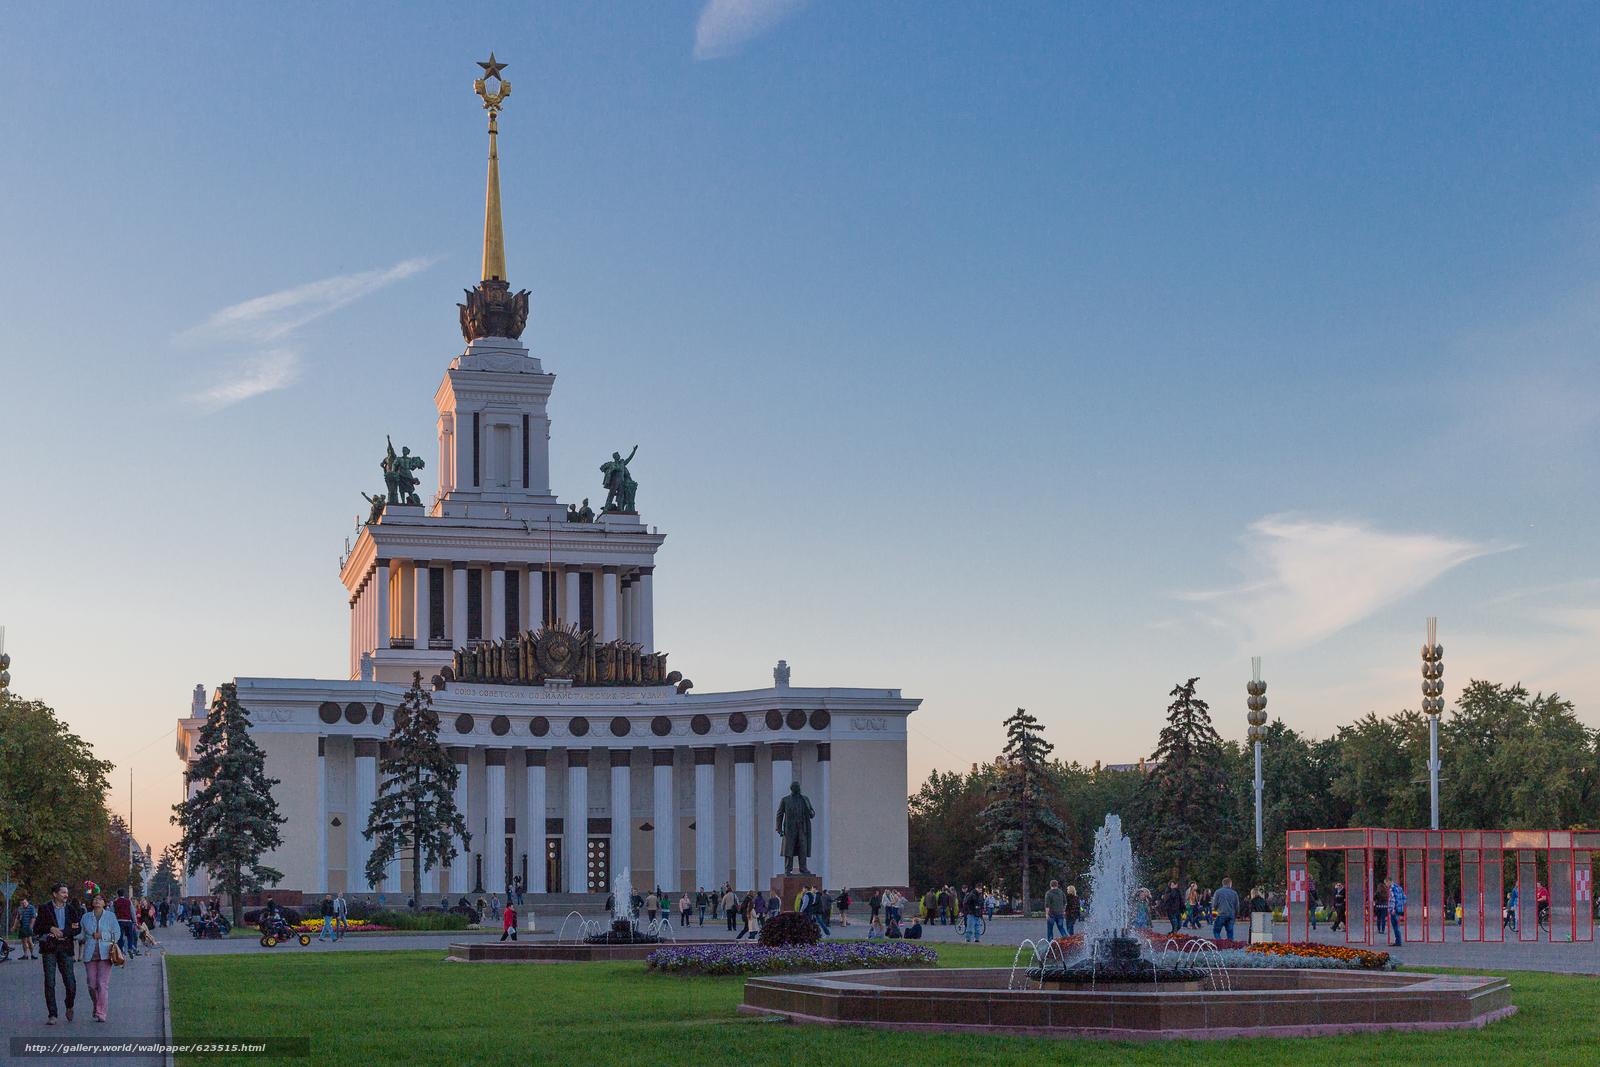 ВДНХ, Москва, Россия, архитектура, СССР, памятник, Ленин, фонтан, здание, колонны, шпиль, звезда, герб, небо, облака, деревья